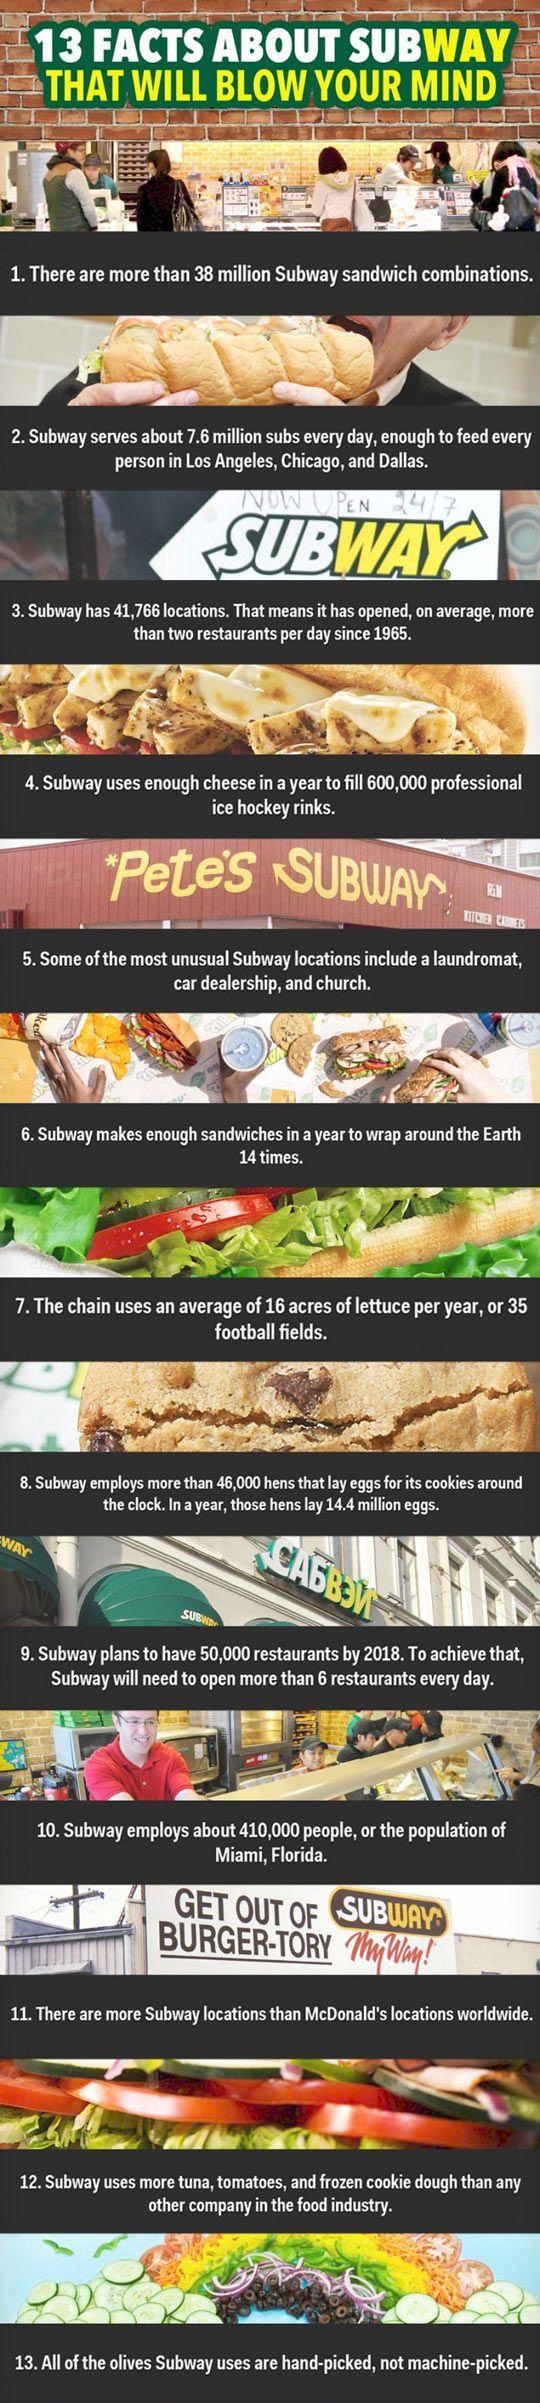 ๏̯͡๏﴿ Ƒմɳ ֆ Ïɳ৳ҽɽҽʂ৳Ꭵɳɠ Ƒąç৳ʂ ๏̯͡๏﴿ ᏇɦᎧ ҠɳҽᏇ??? ๏̯͡๏﴿ ~ Facts About Subway